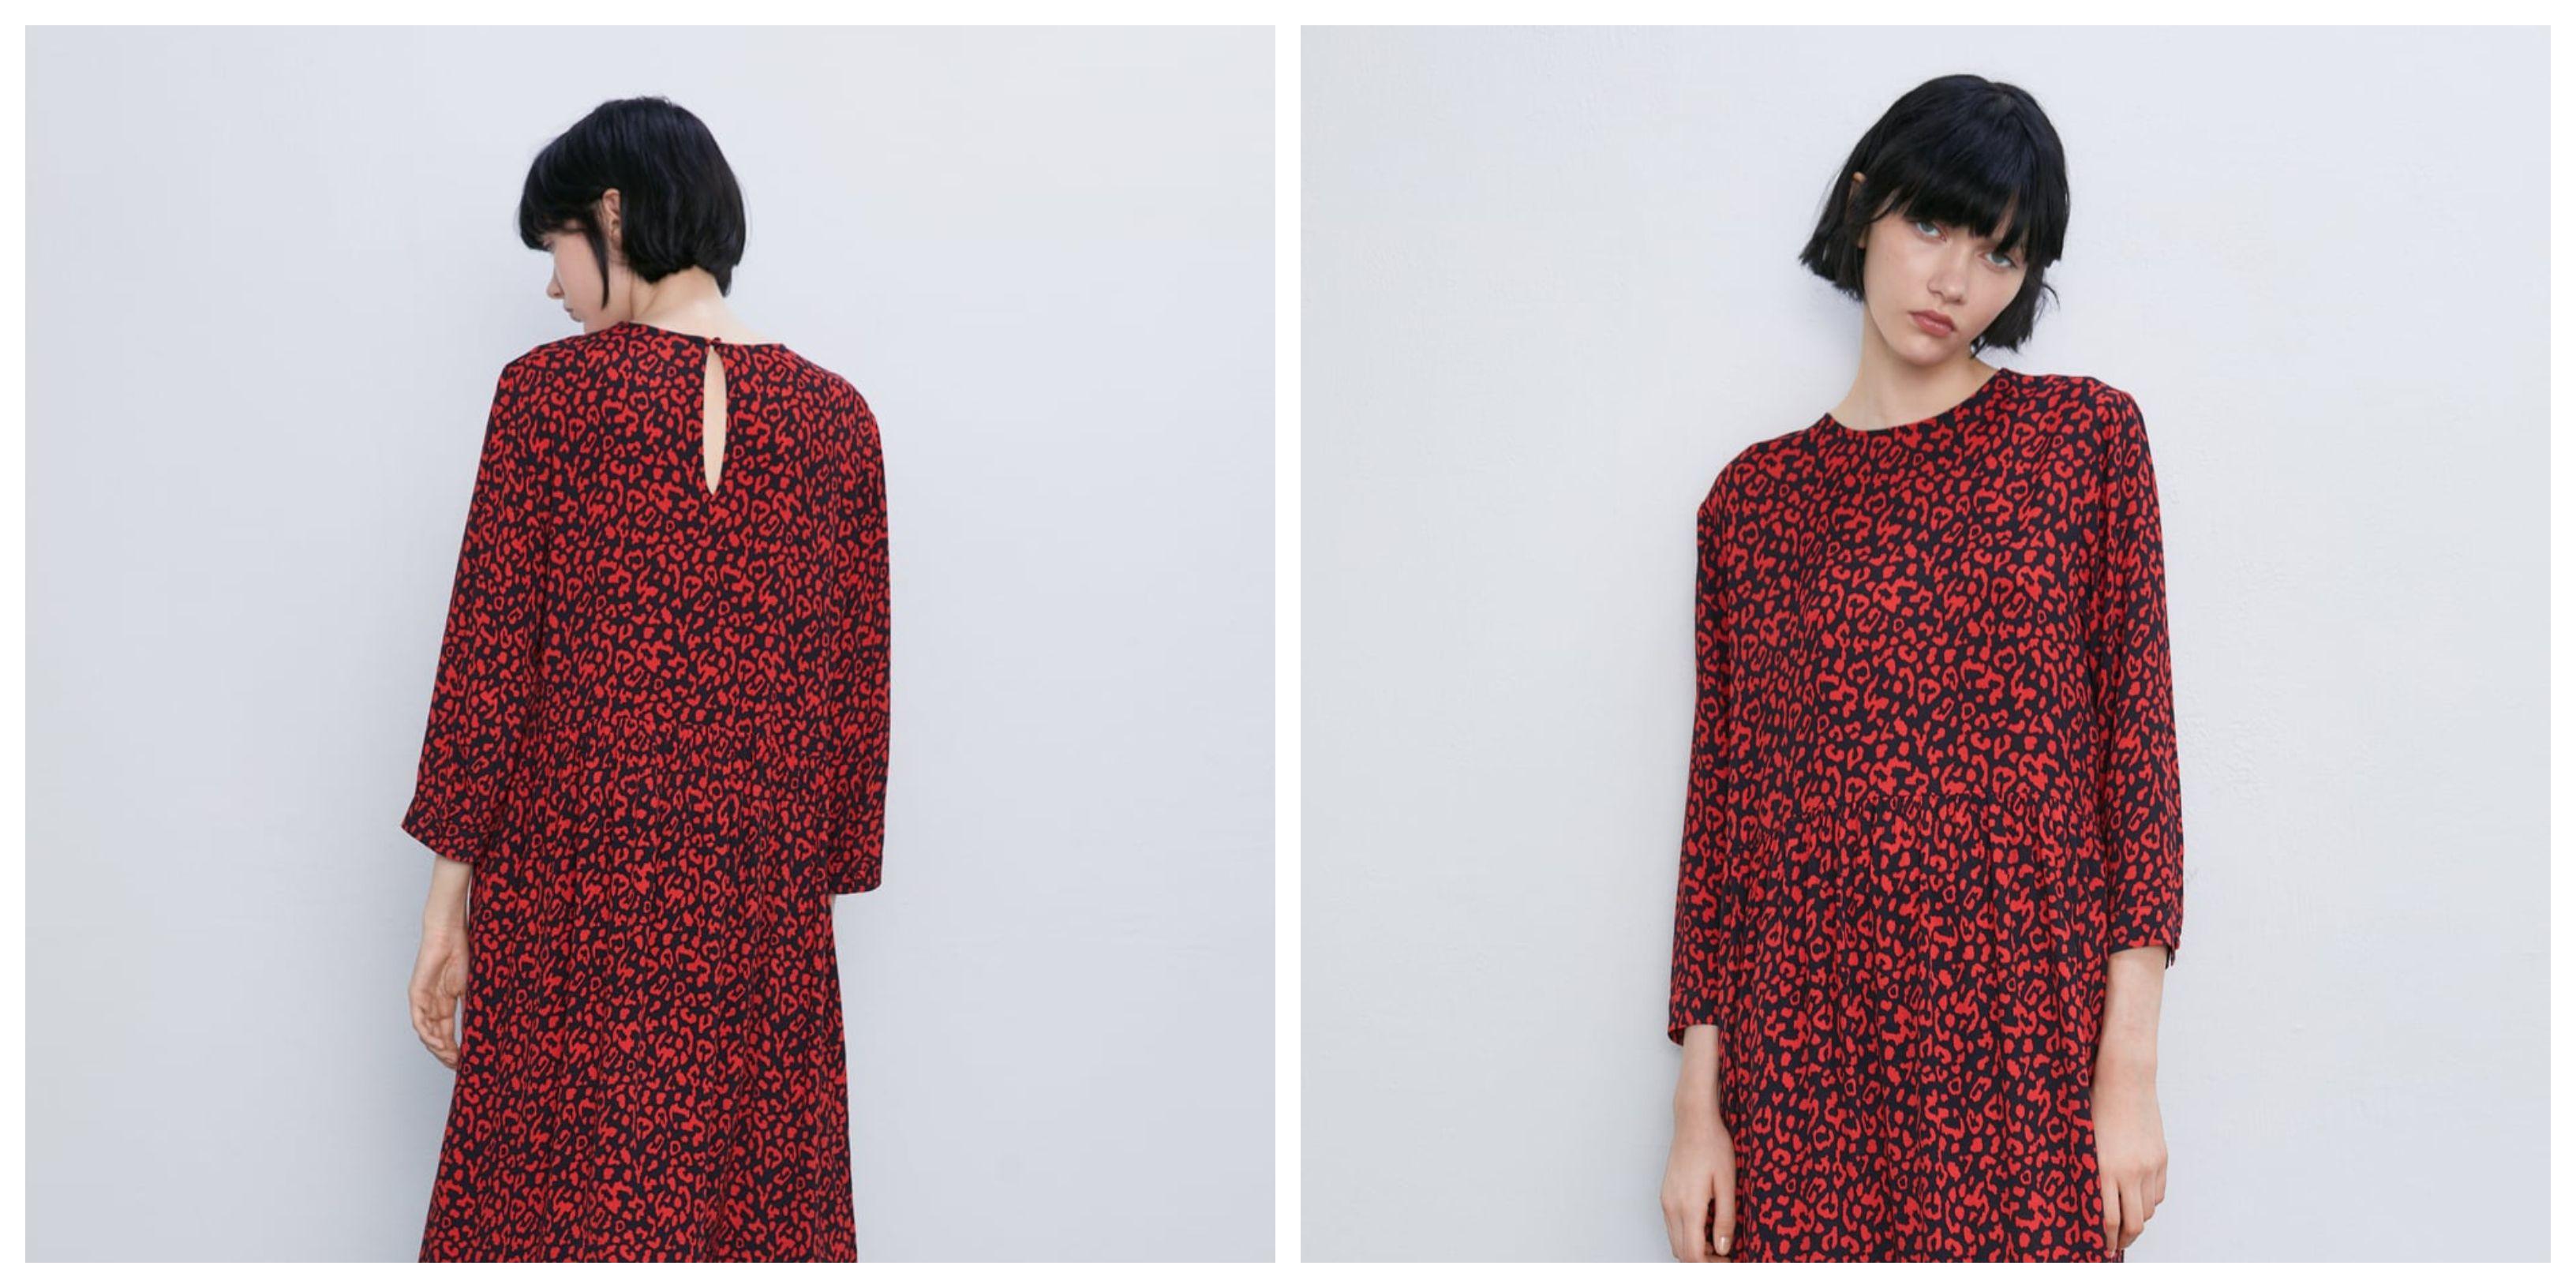 Nova Zarina haljina leopard uzorka jesenska je verzija popularnog ljetnog modela